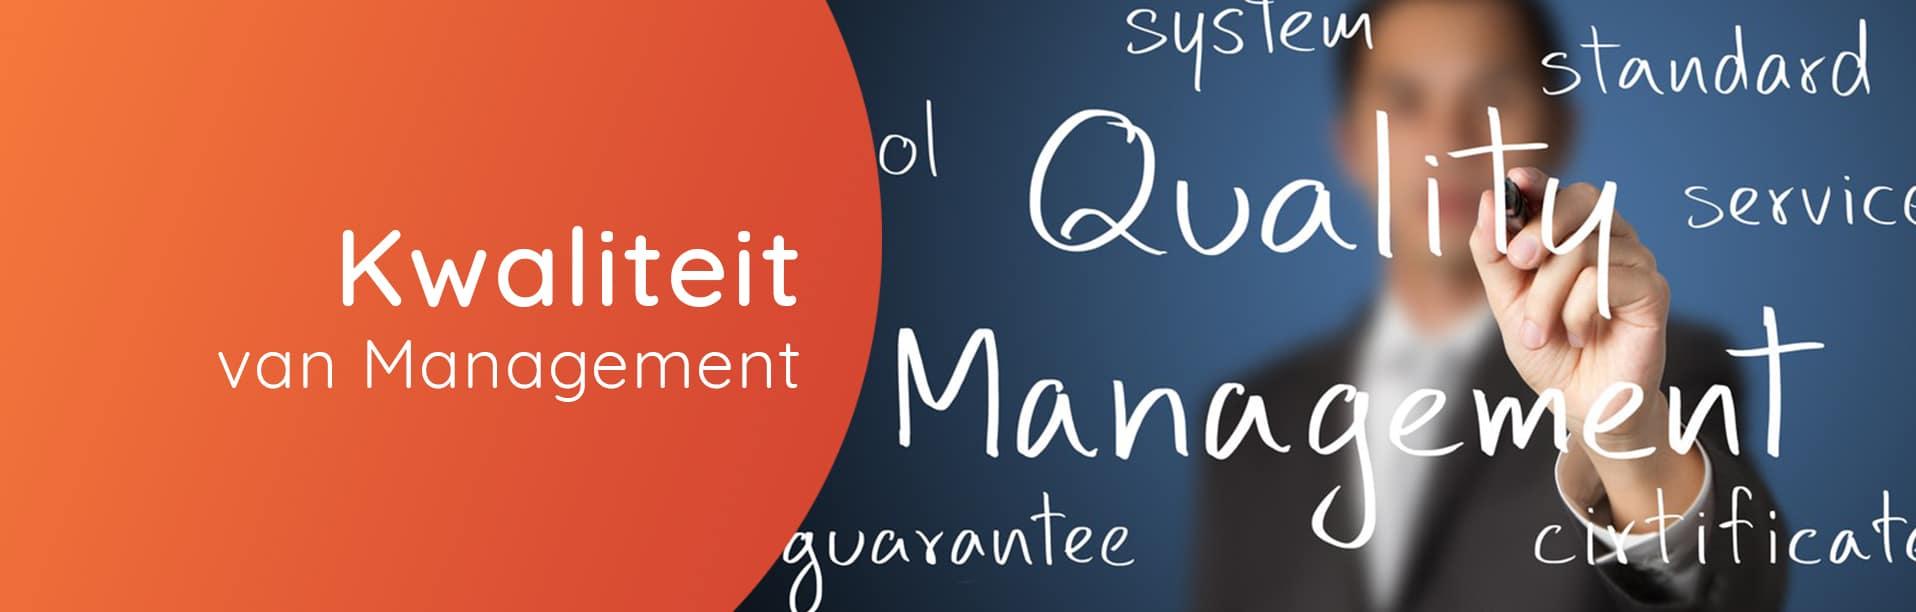 managen kwaliteit